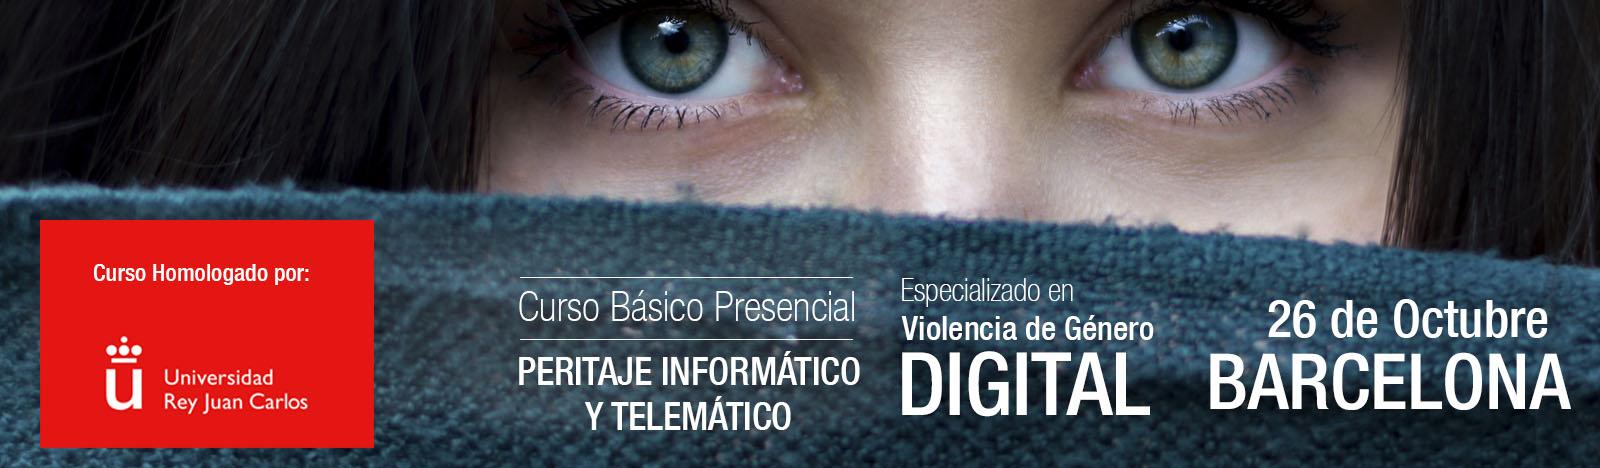 barcelona-violencia-de-genero-digital